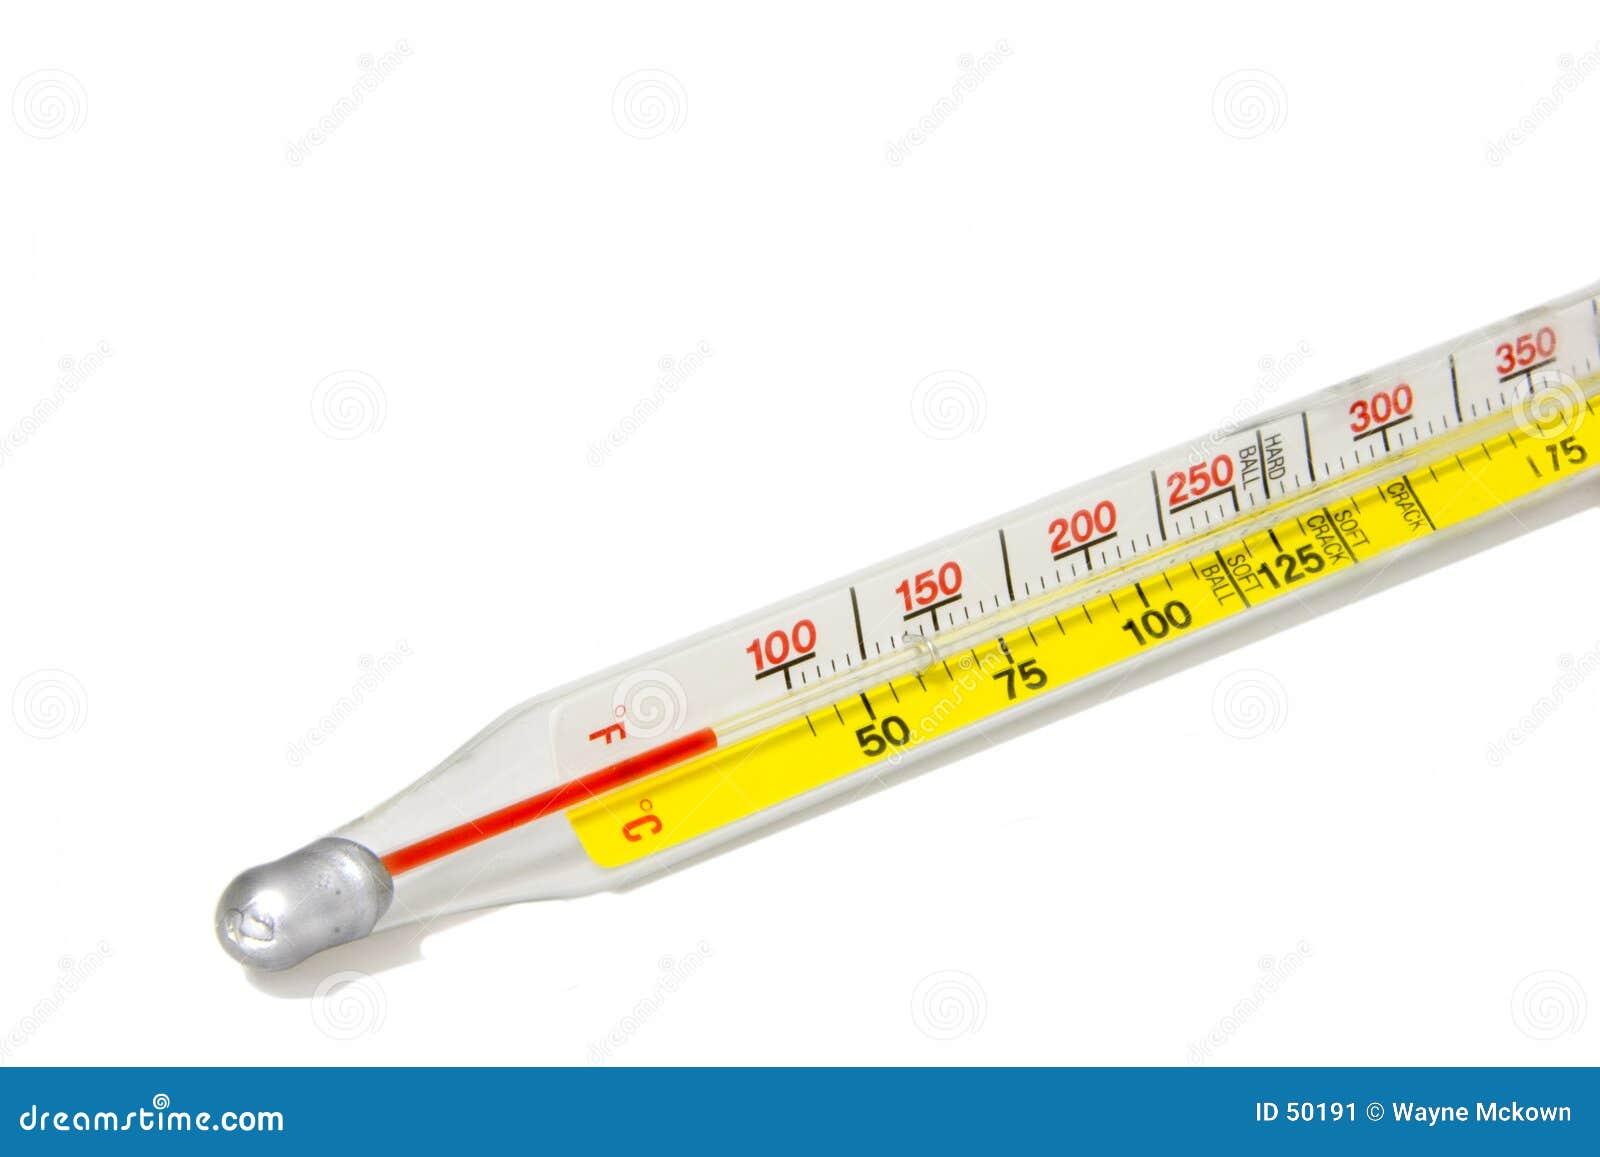 Download Thermomètre image stock. Image du flamme, fait, brûlure - 50191